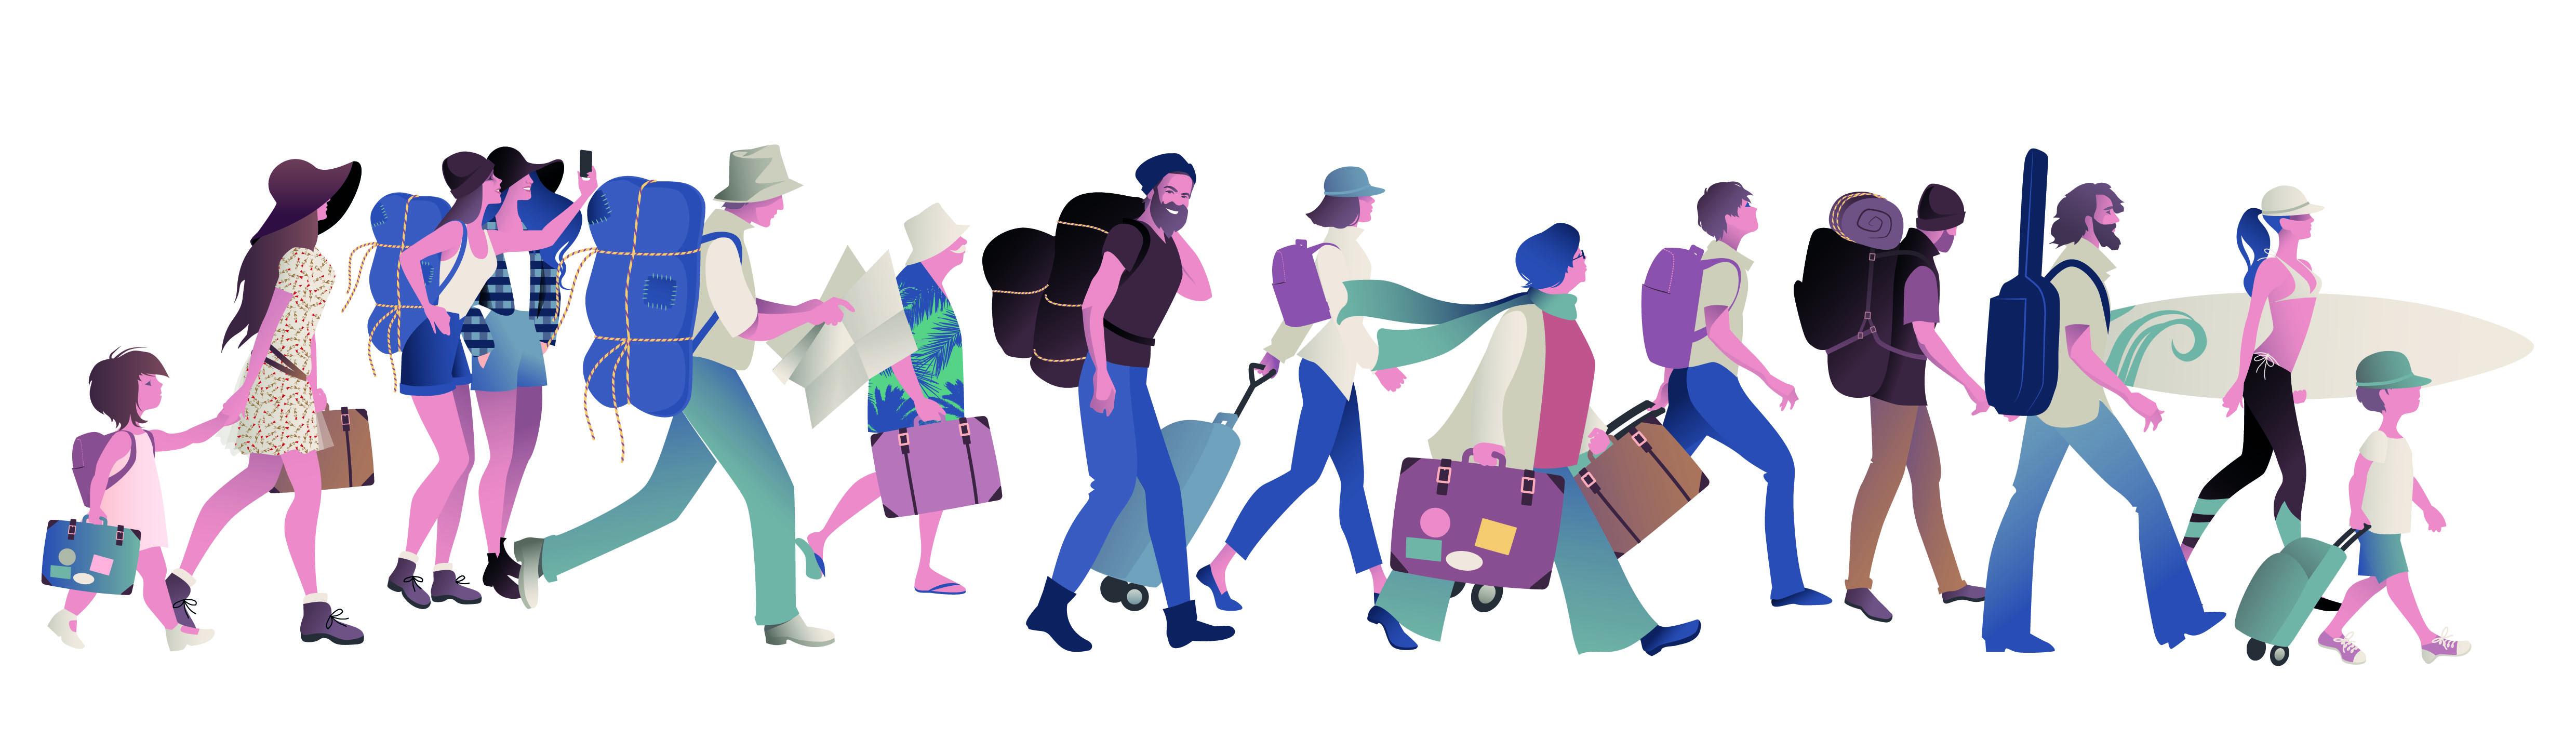 Matkaoikeusturvavakuutus